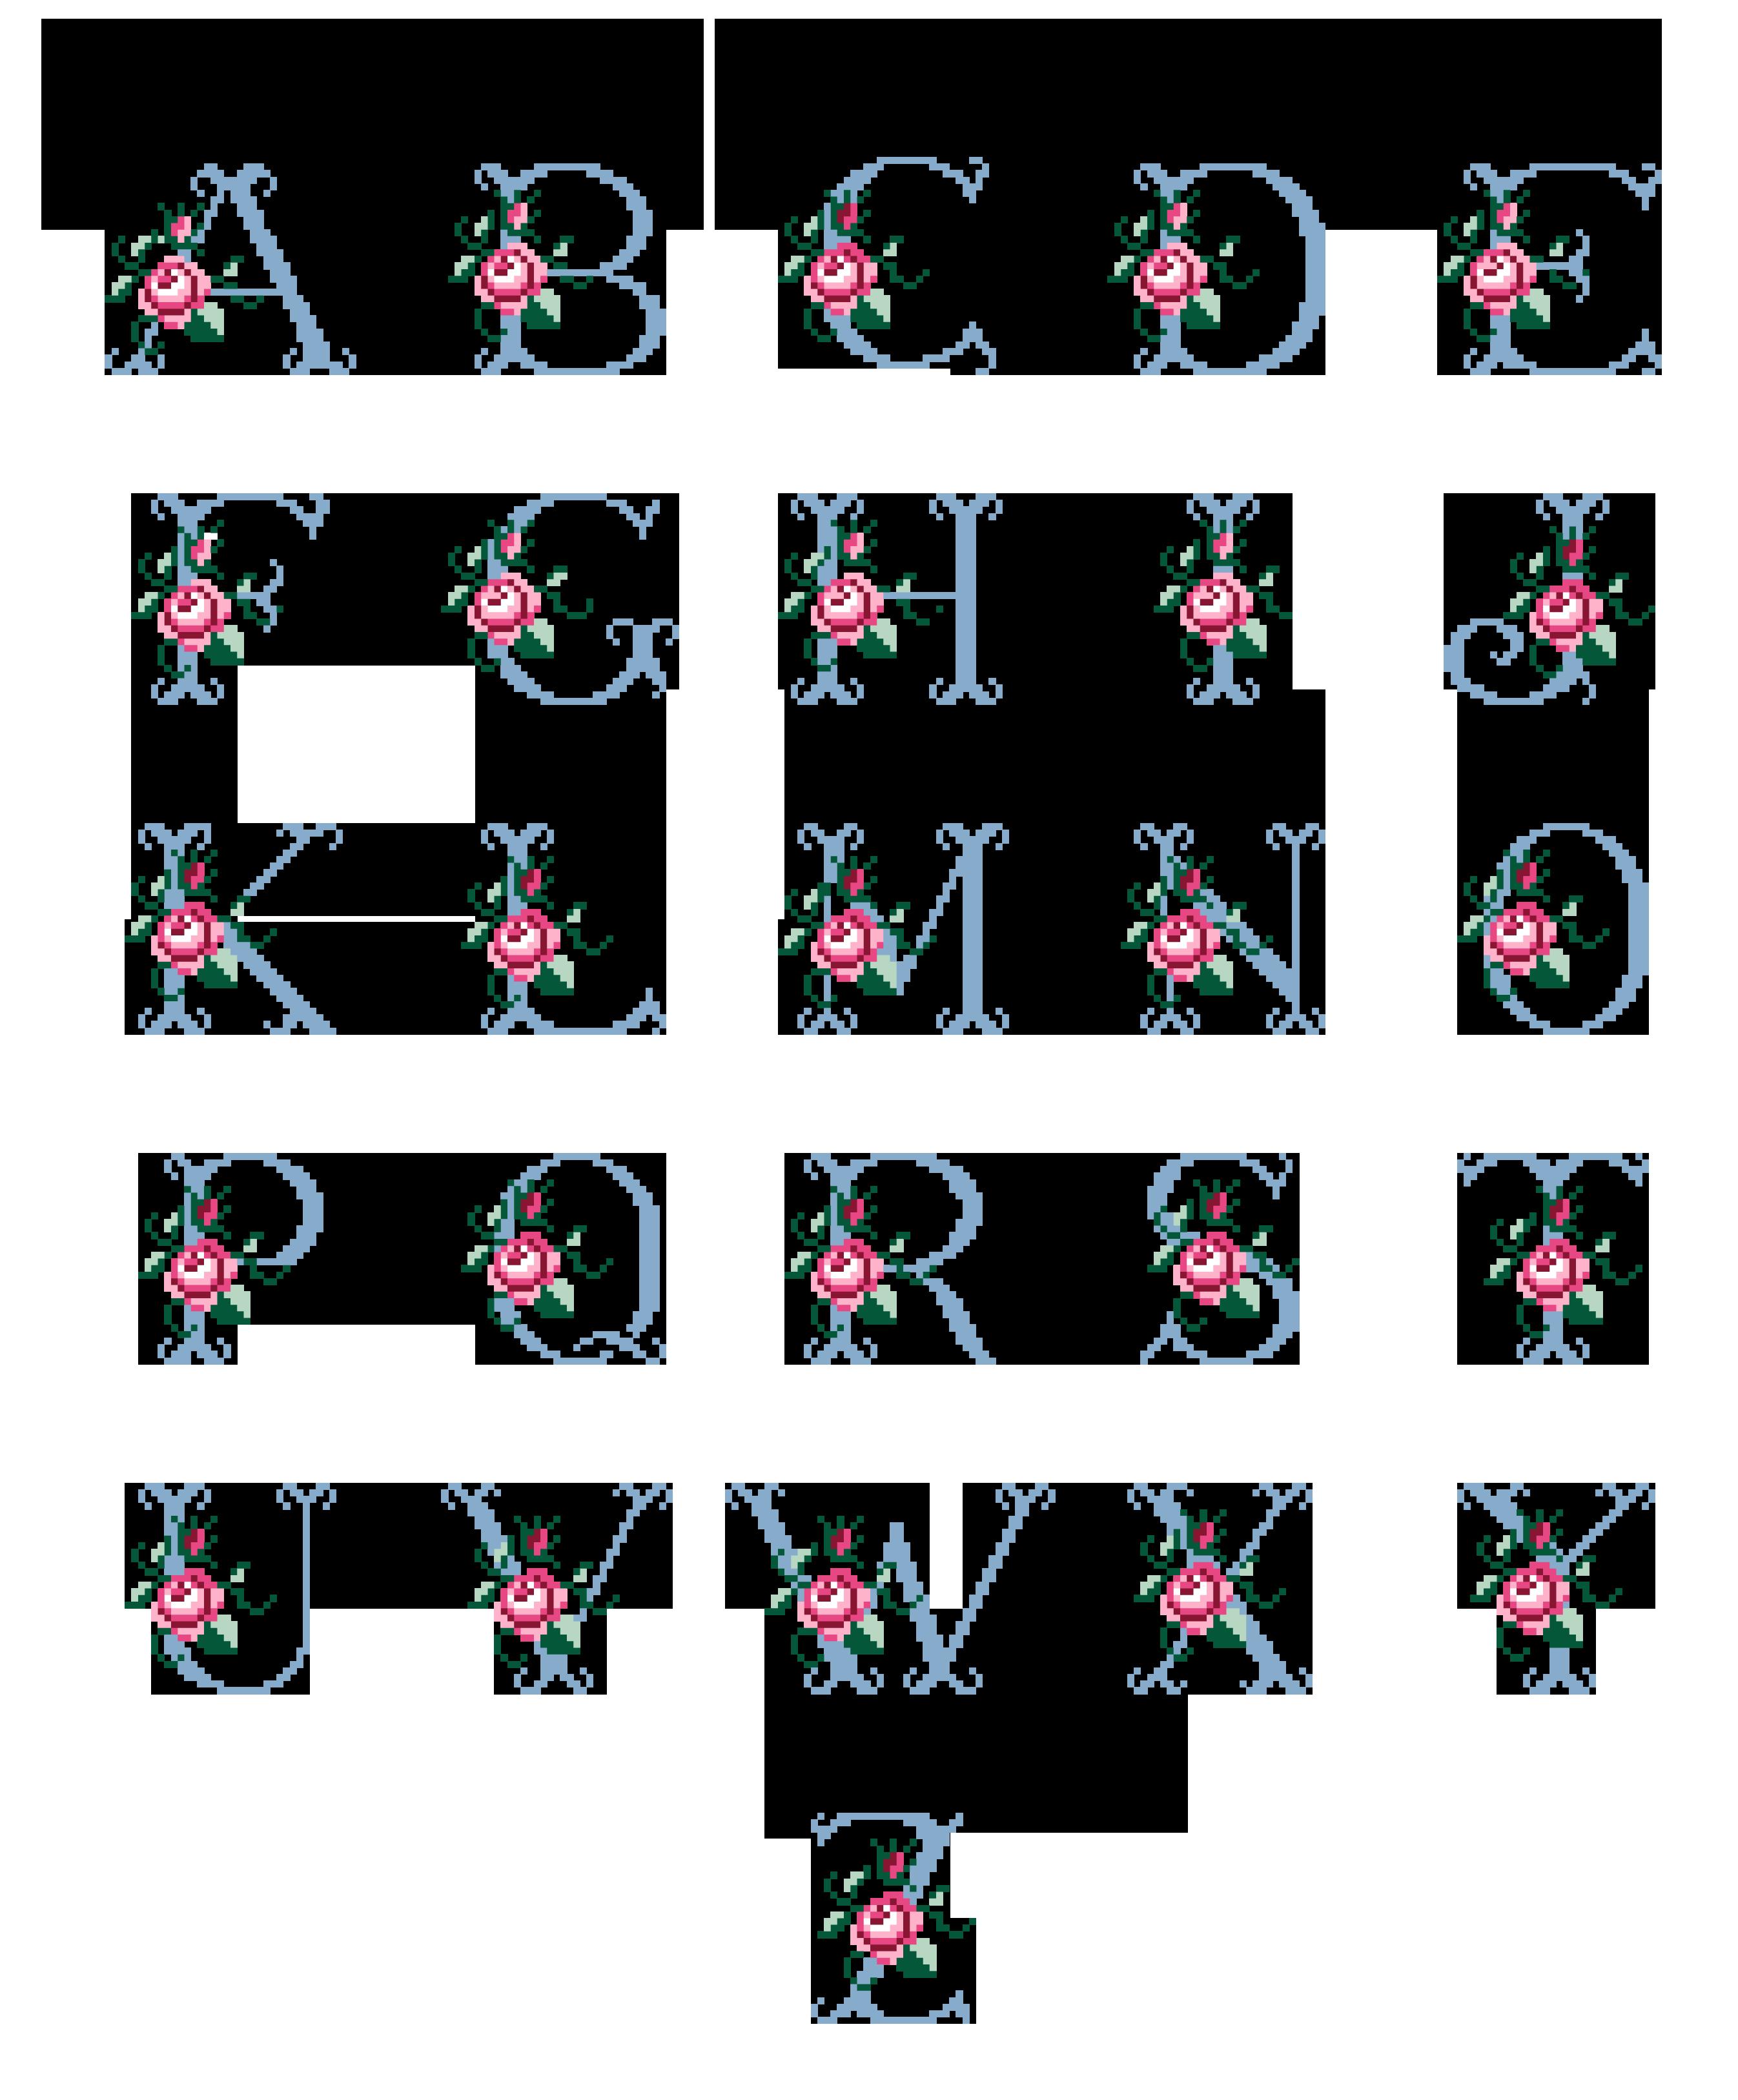 a4f716522b8dbc3be454ebbff642a3d5.png (2692×3253)